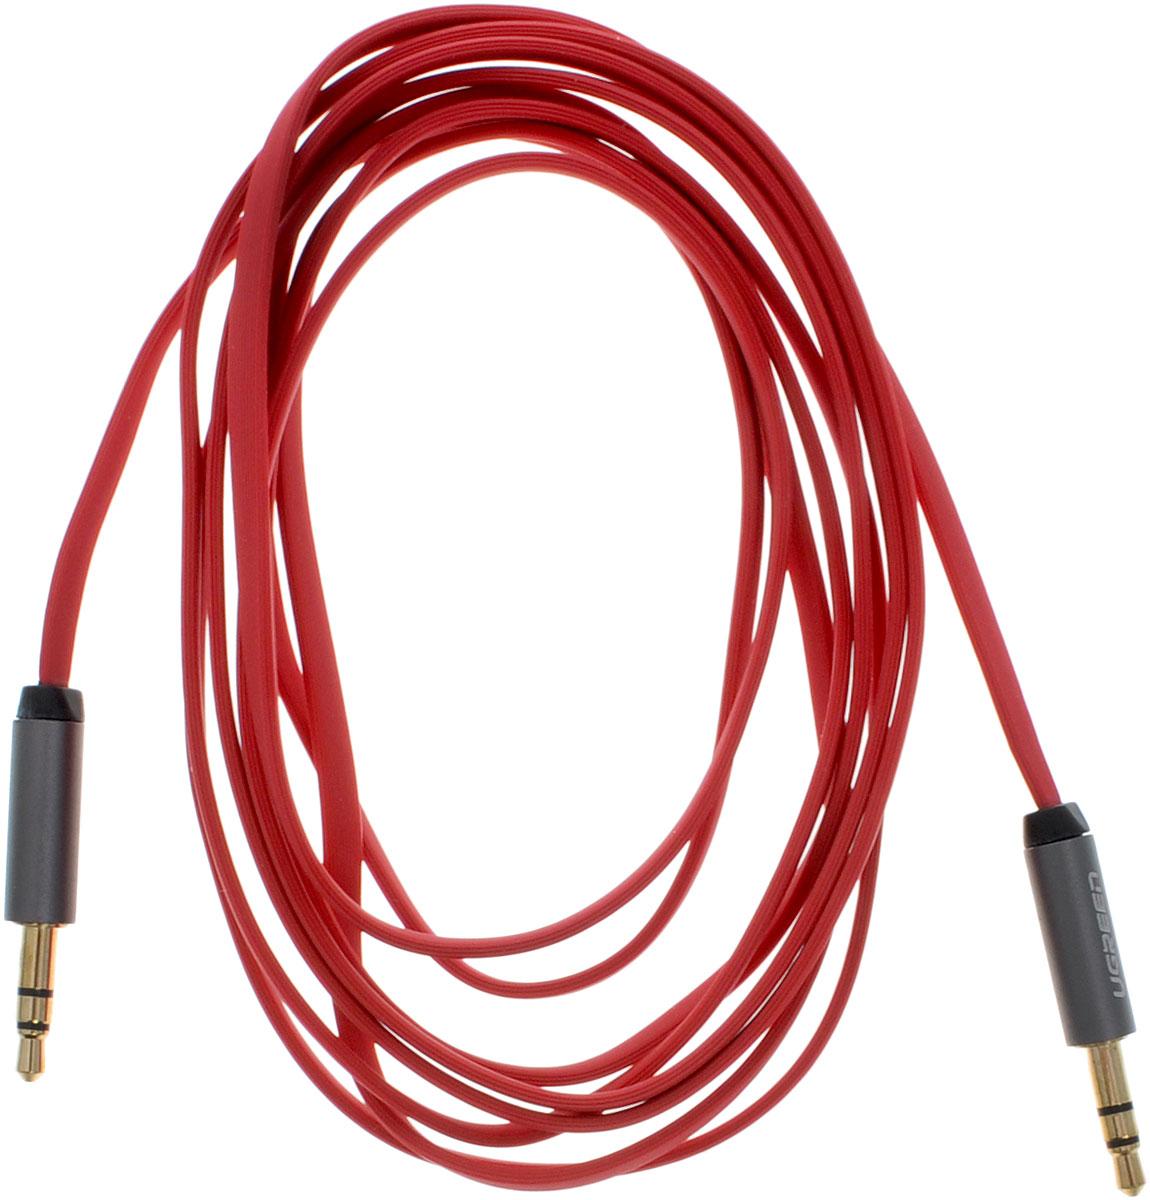 Ugreen UG-10794, Red Silver кабель AUX 2 мUG-10794Кабель Ugreen UG-10794 может быть использован для подключения, например, гарнитуры с MP3-плеером, компьютера, DVD, TV, радио, CD плеер в которых есть данный аудиоразъем. Главное отличие этого аудио кабеля - мягкая оболочка и стильные металлические соединители. Прекрасное качество исполнения и экранирование позволит избежать влияния помех при передаче сигнала. Толщина кабеля: 1,5 х 3,5 мм Тип оболочки: ПВХ